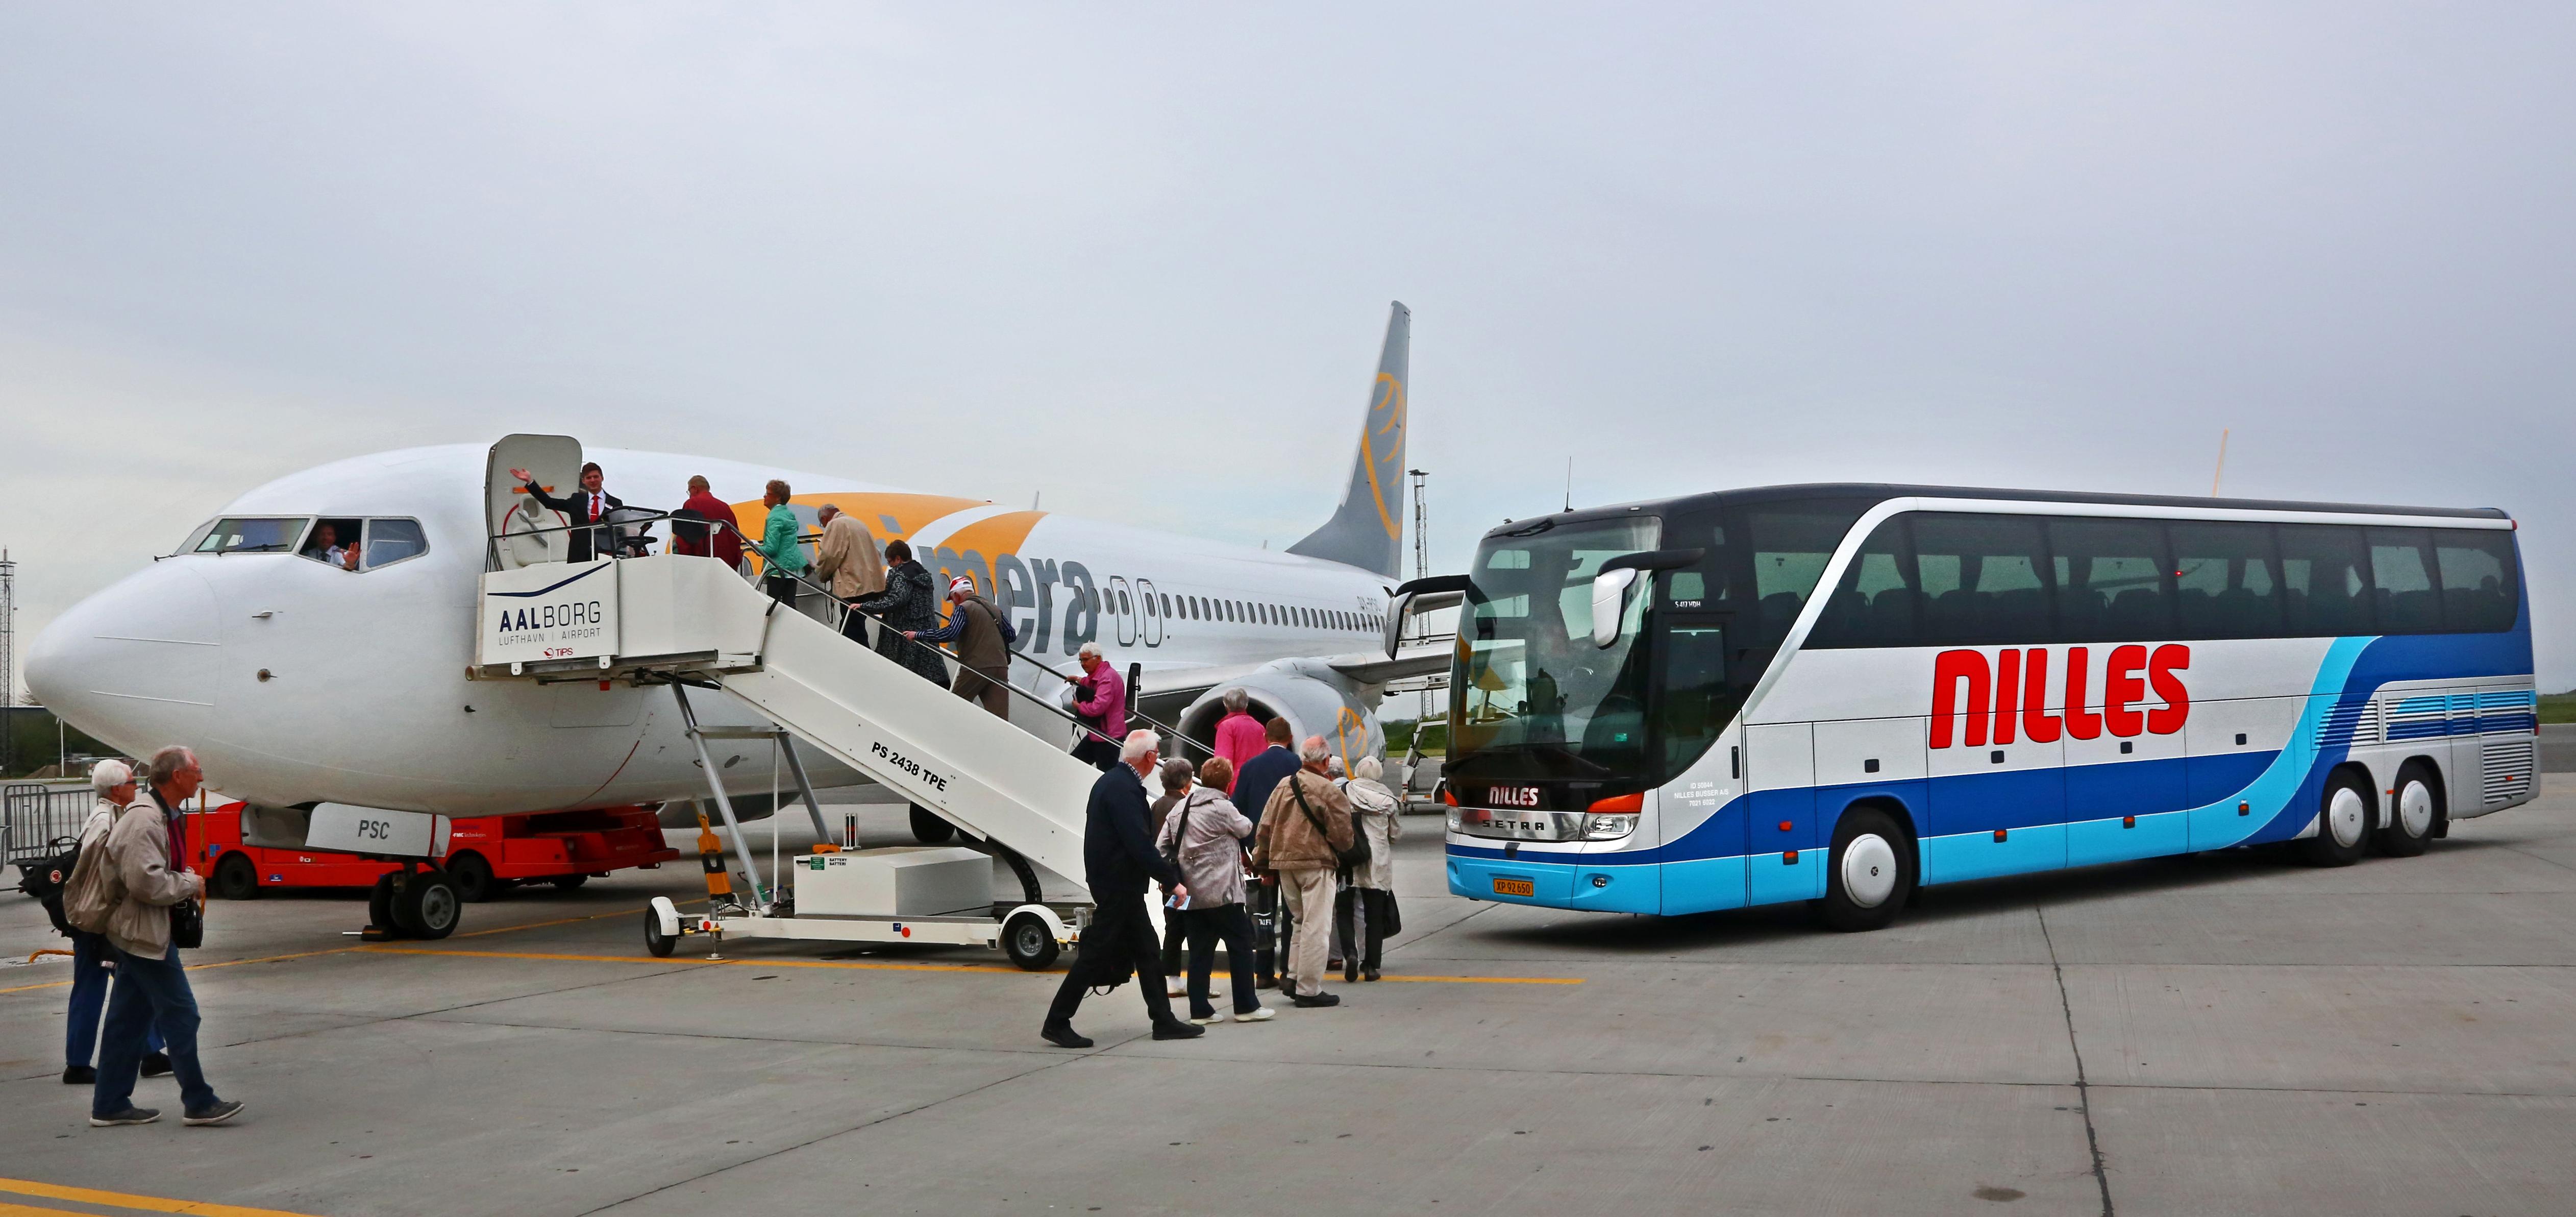 Danske turisme skaber direkte og indirekte tæt på 138.000 arbejdspladser, heraf er cirka ti procent i Transportvirksomheder. Arkivfoto fra Aalborg Lufthavn.